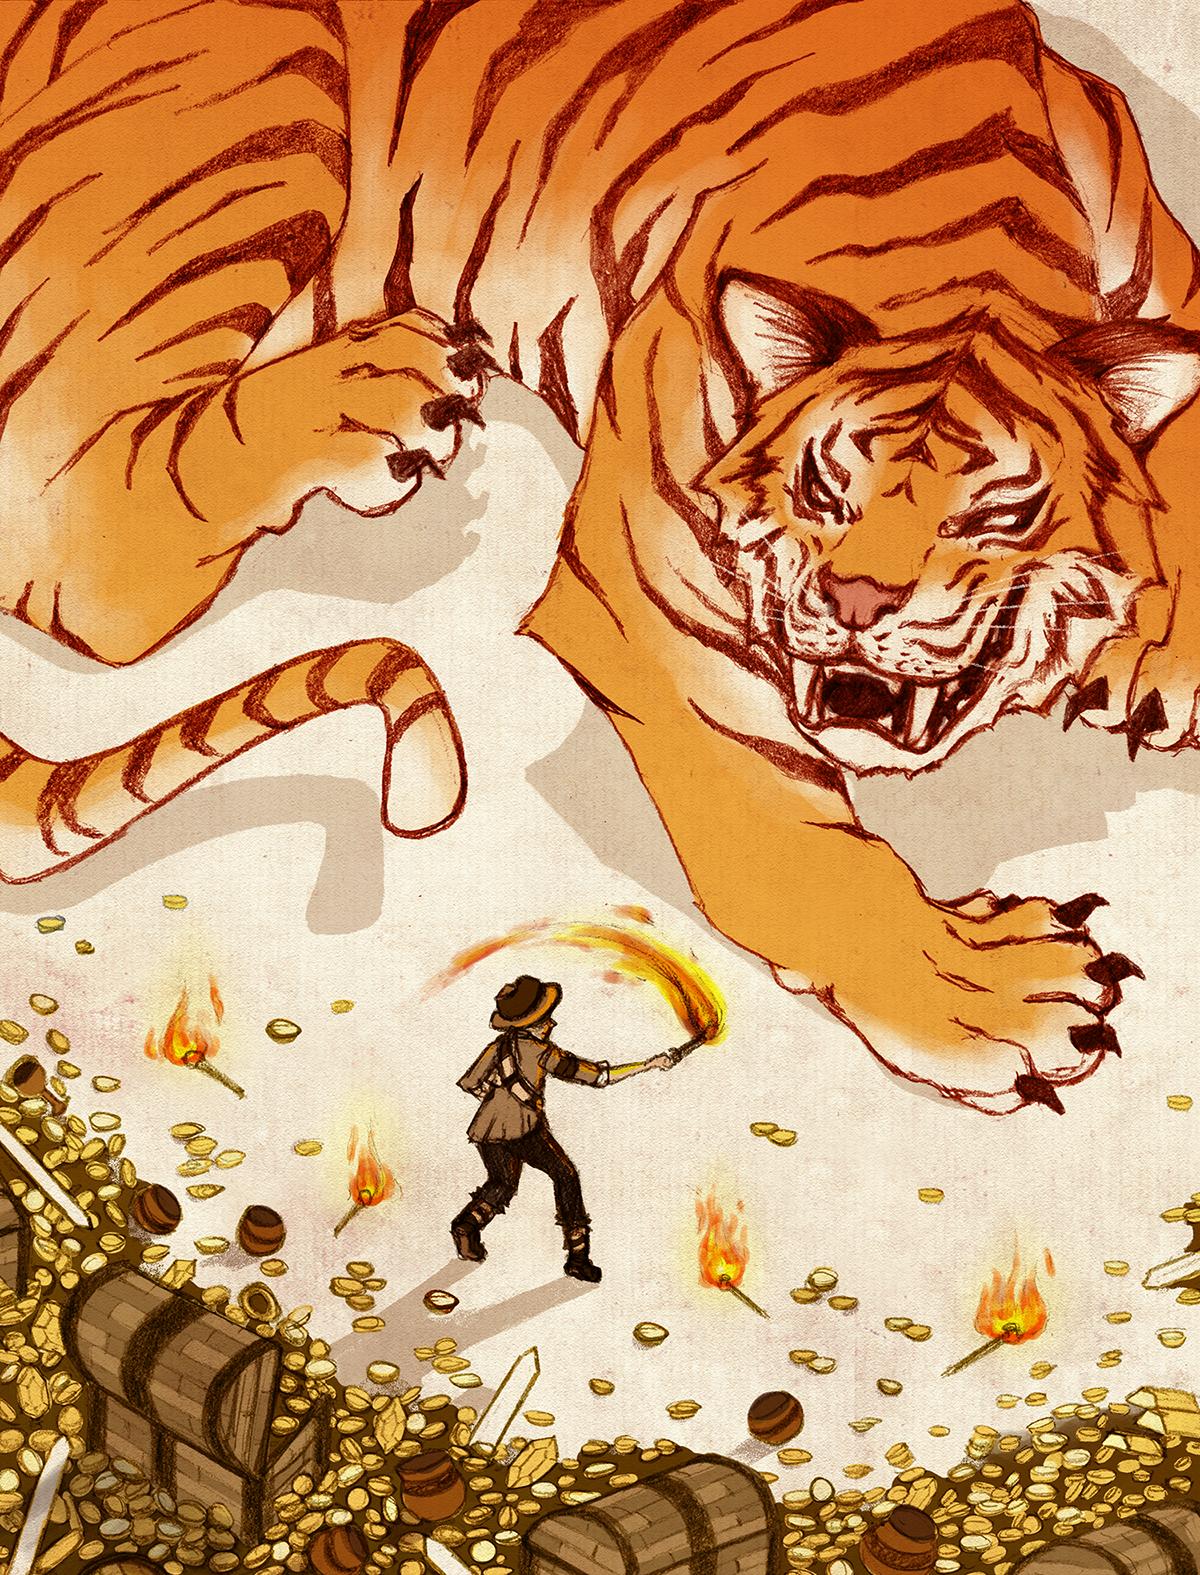 Tiger Editorial Illustration.png